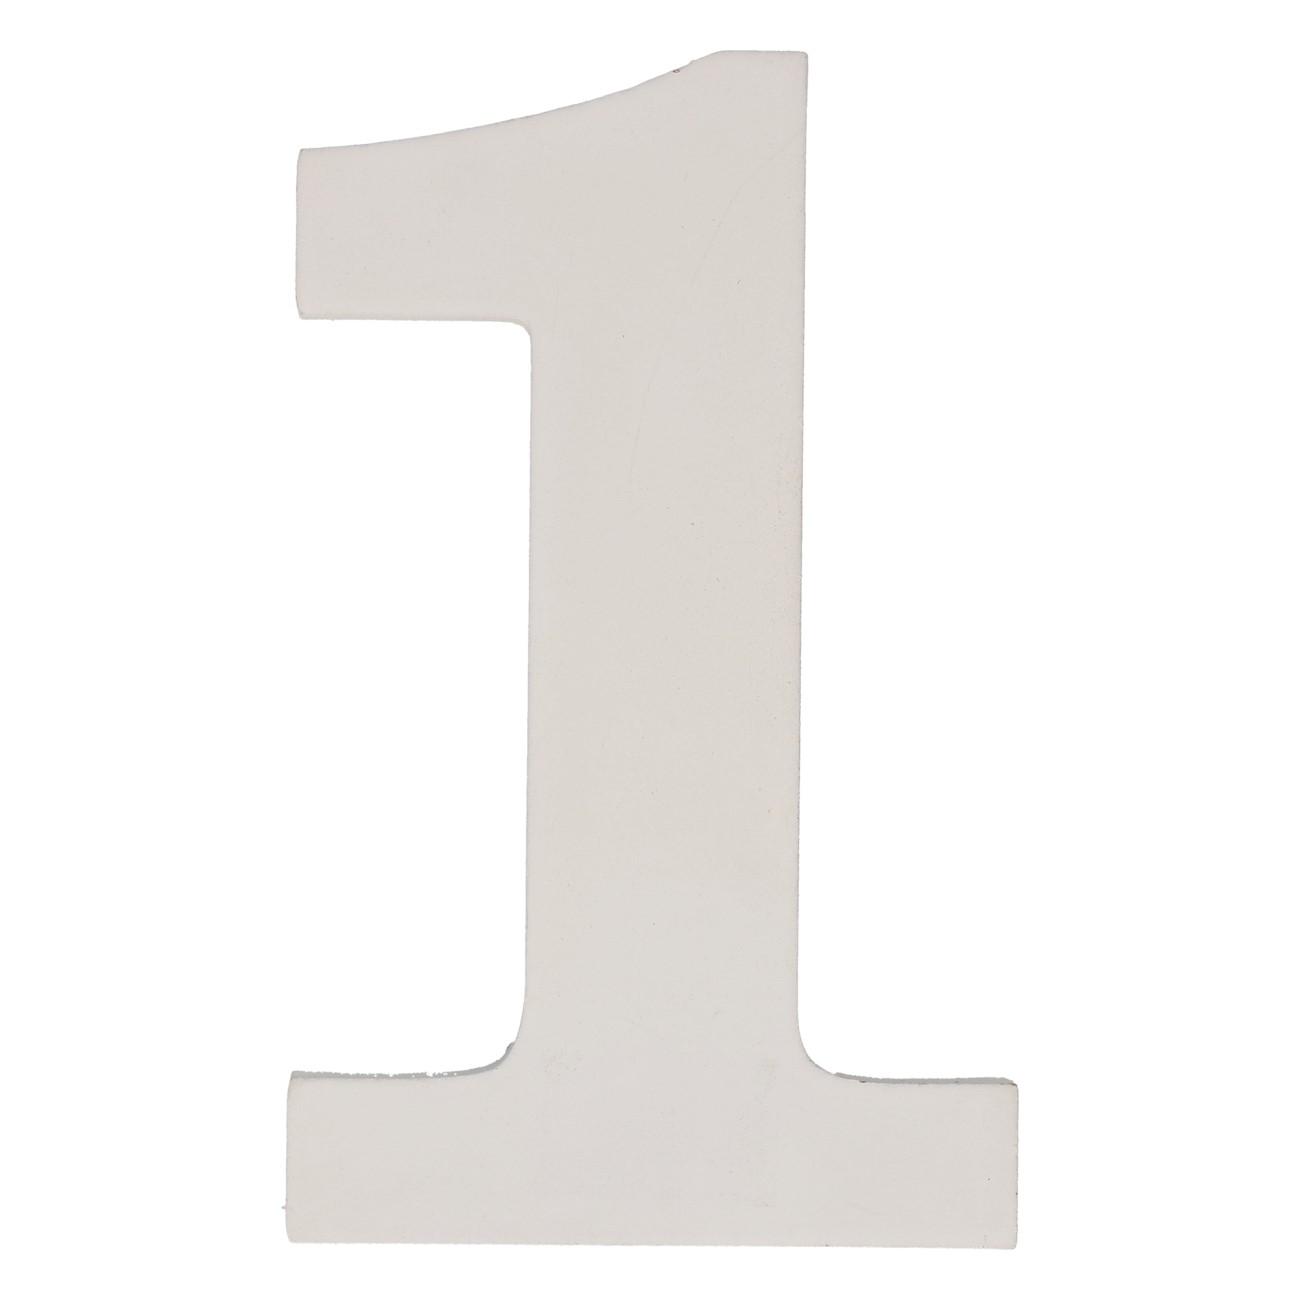 Cijfer mdf 1 (12cm)